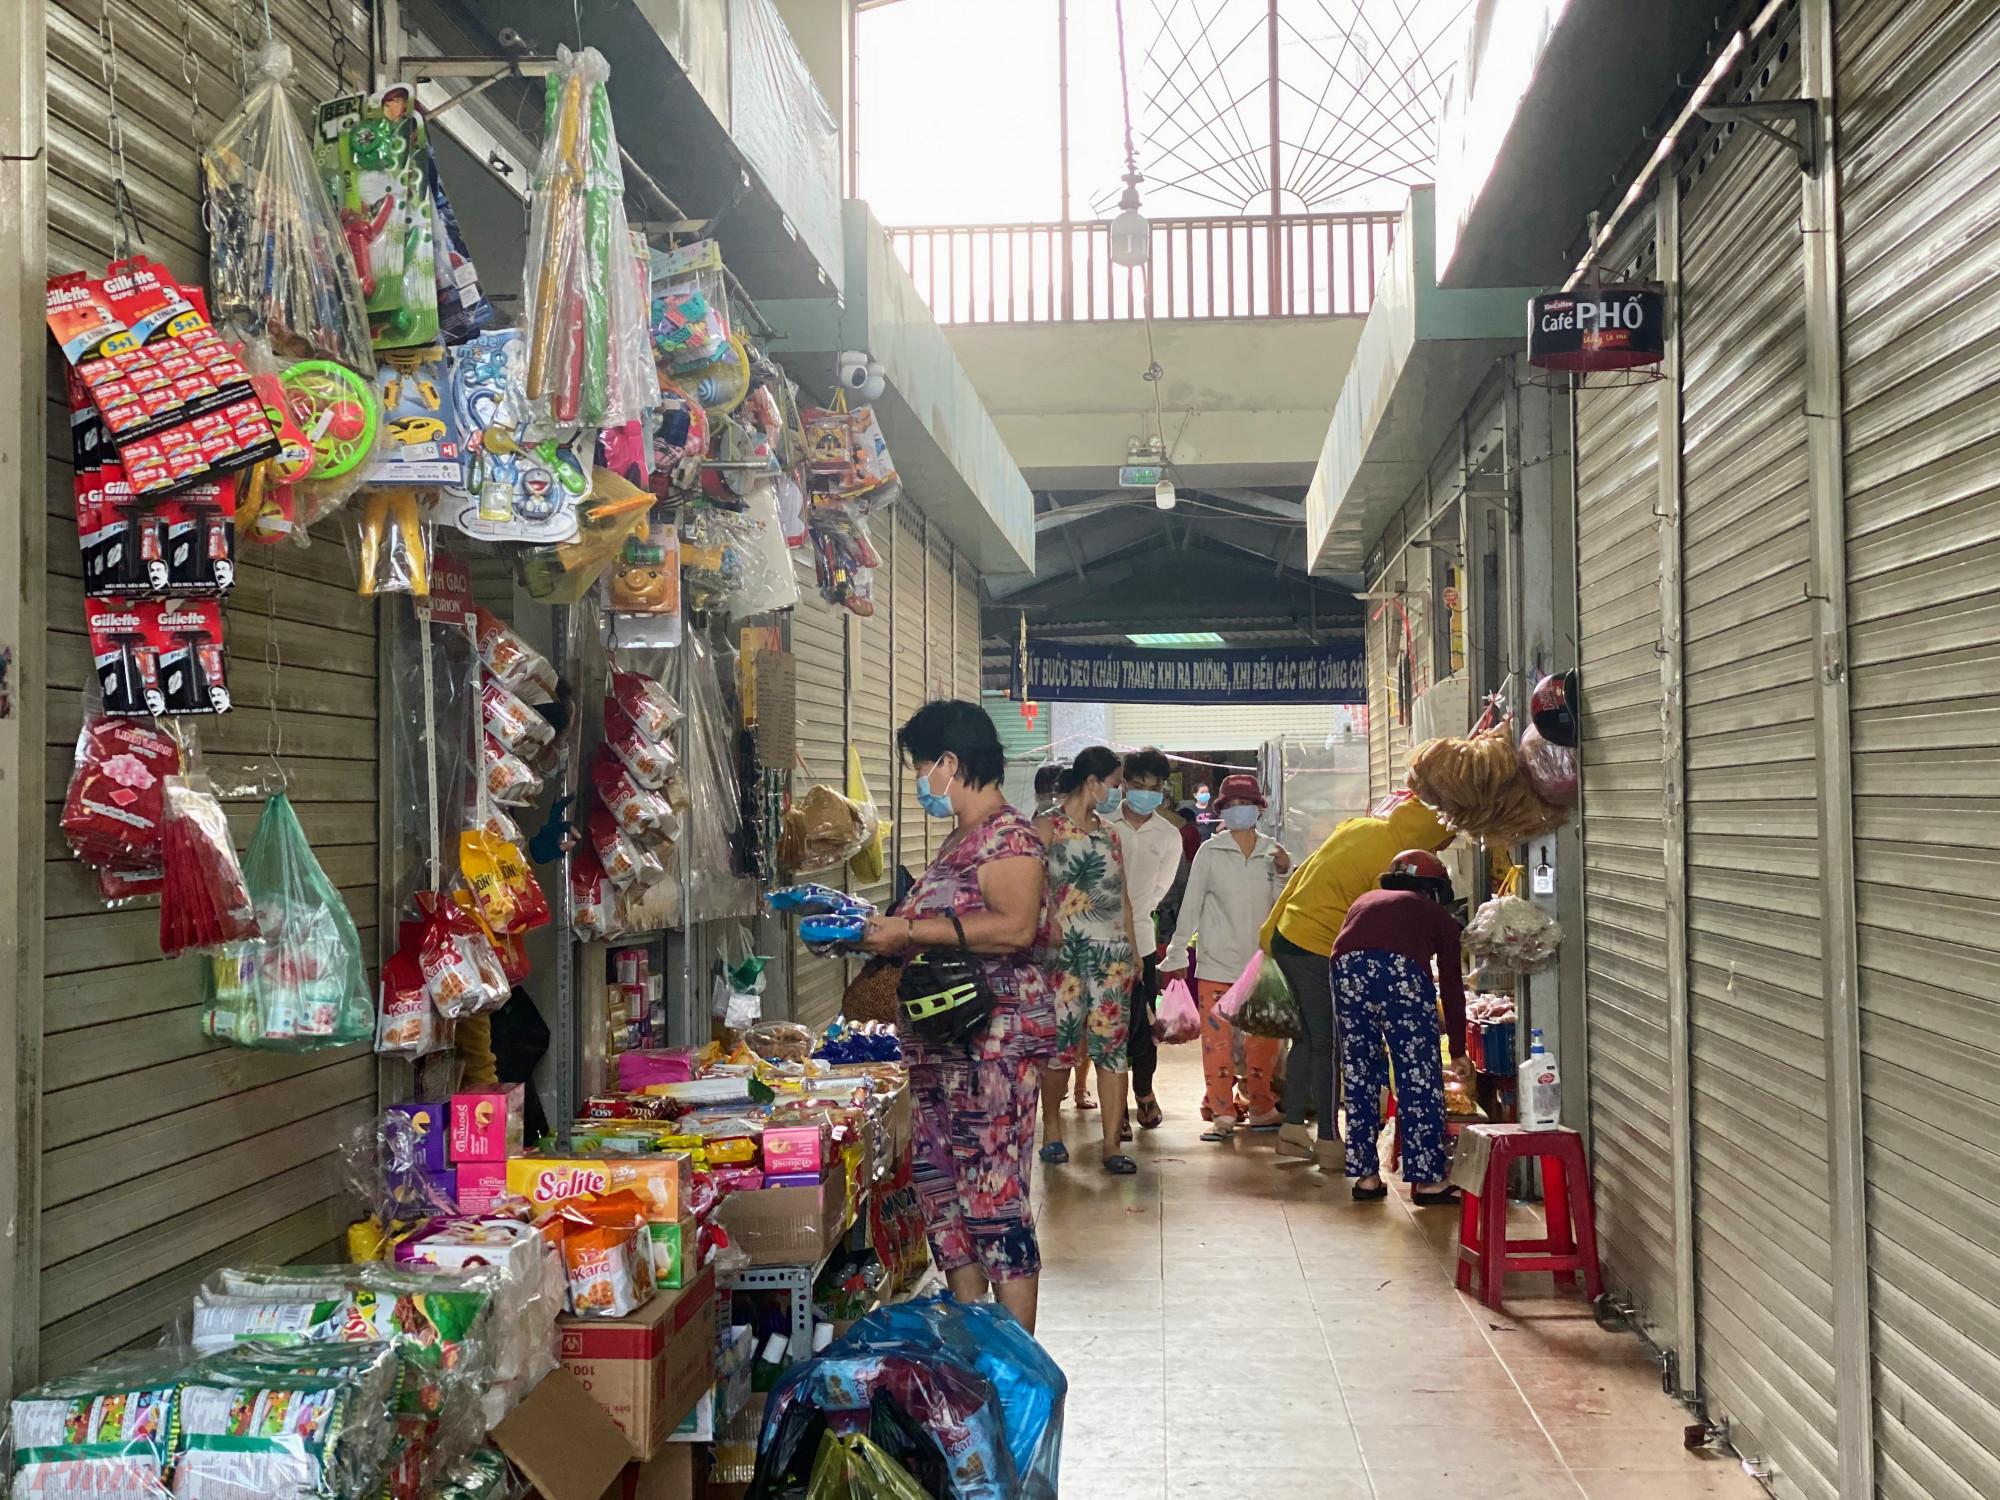 Còn tại khu vực nhà lồng chợ kinh doanh các mặt hàng thiết yếu, chợ này thực hiện việc mở sạp xen kẻ, để giữ khoảng cách, tránh tụ tập người mua tại một chỗ khá đông.